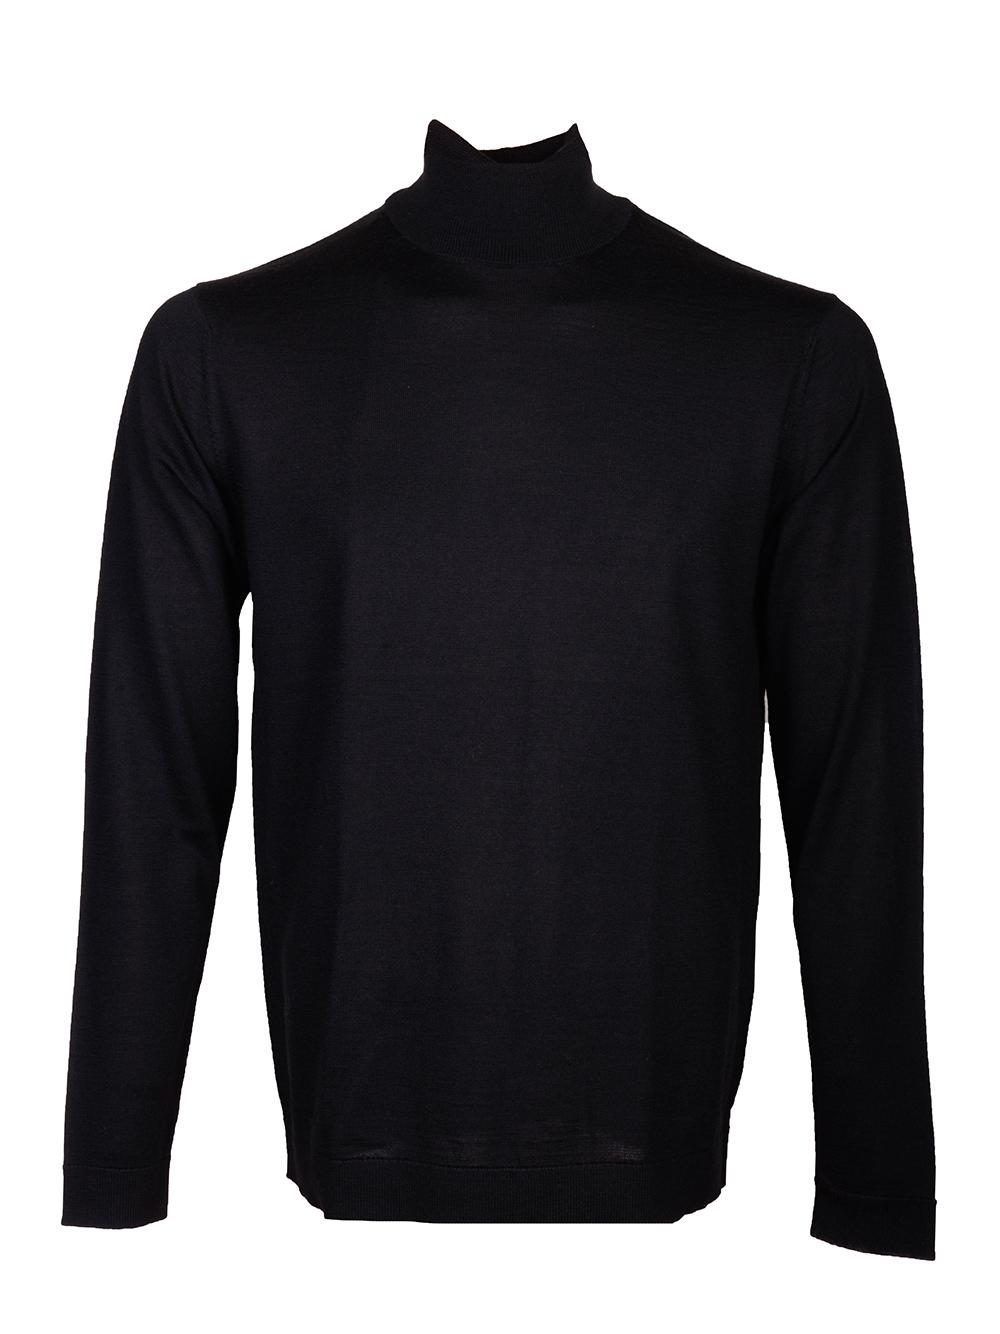 SELECTED Μπλούζα πουλόβερ 160068504 ΜΑΥΡΟ